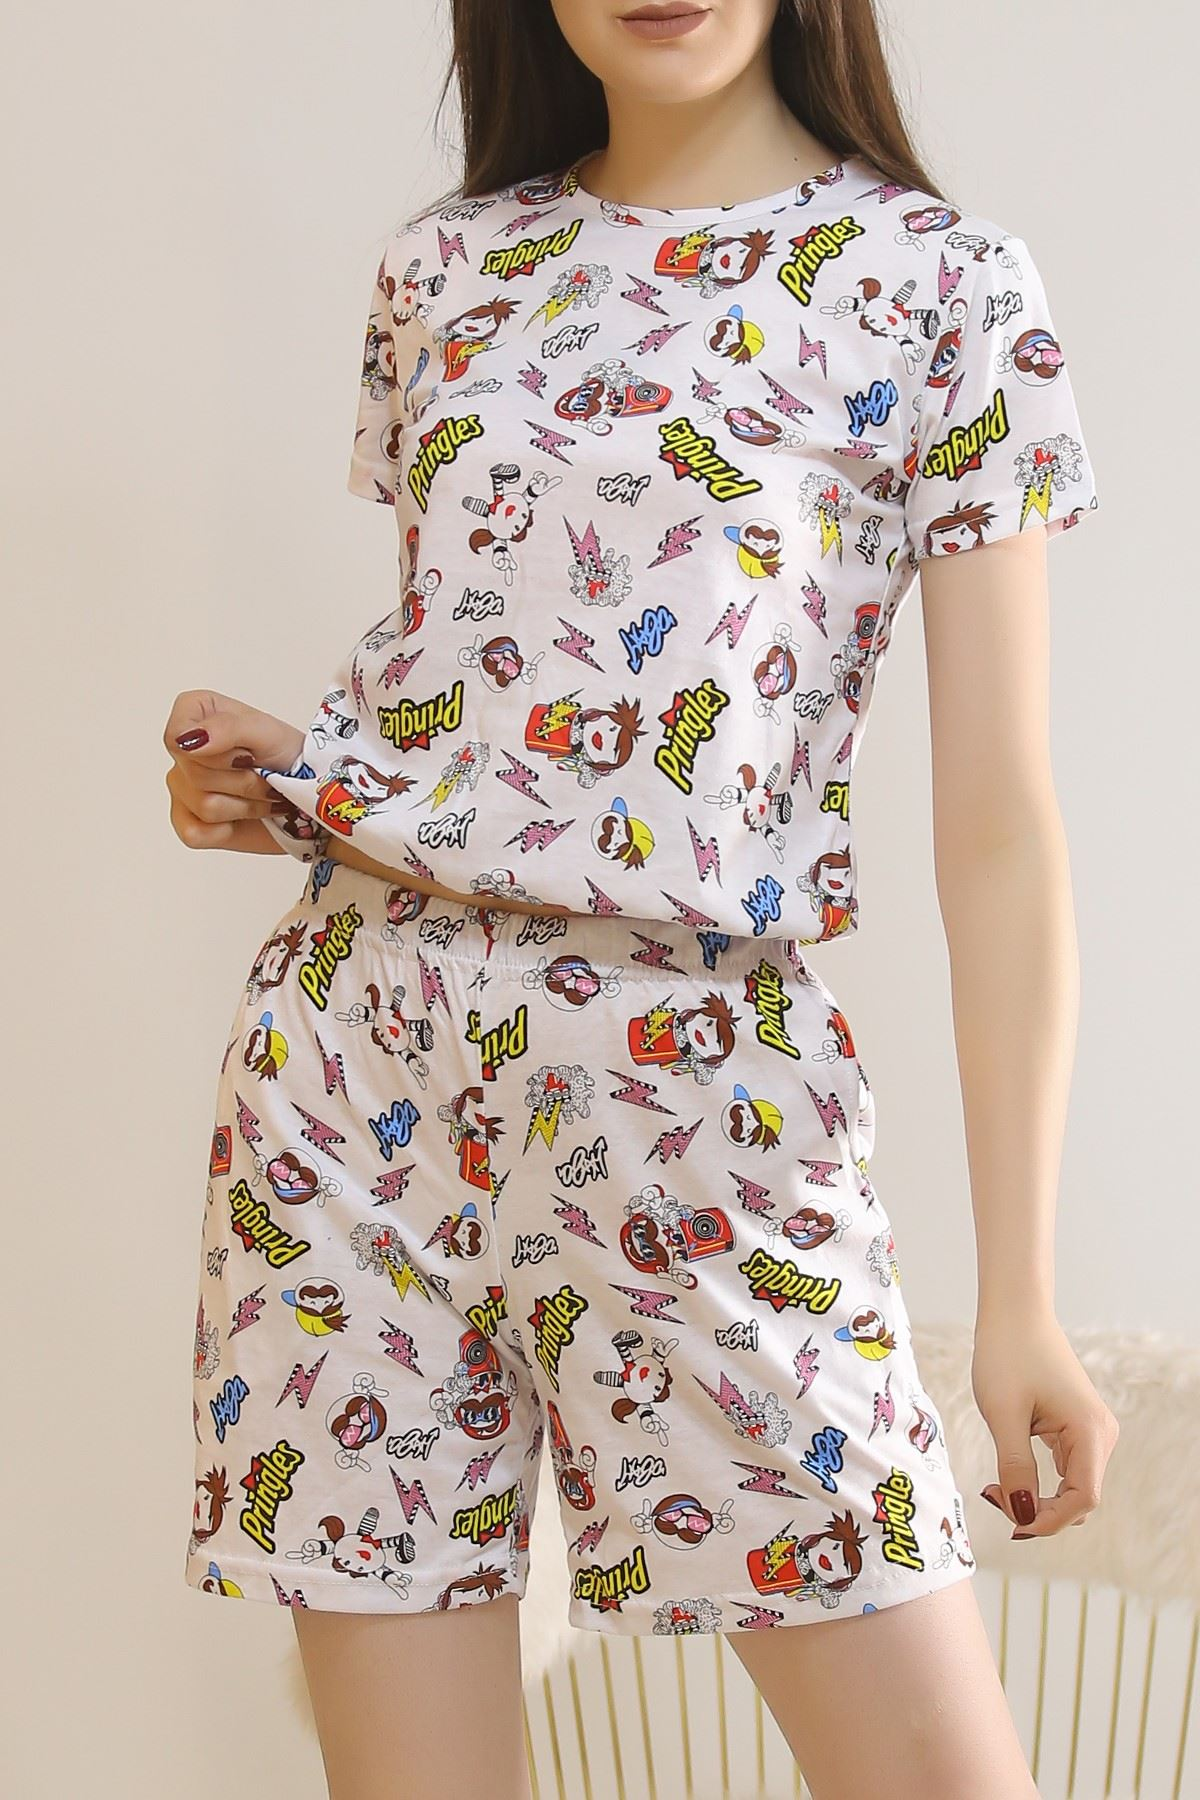 Şortlu Pijama Takımı Beyaz - 5924.1059.